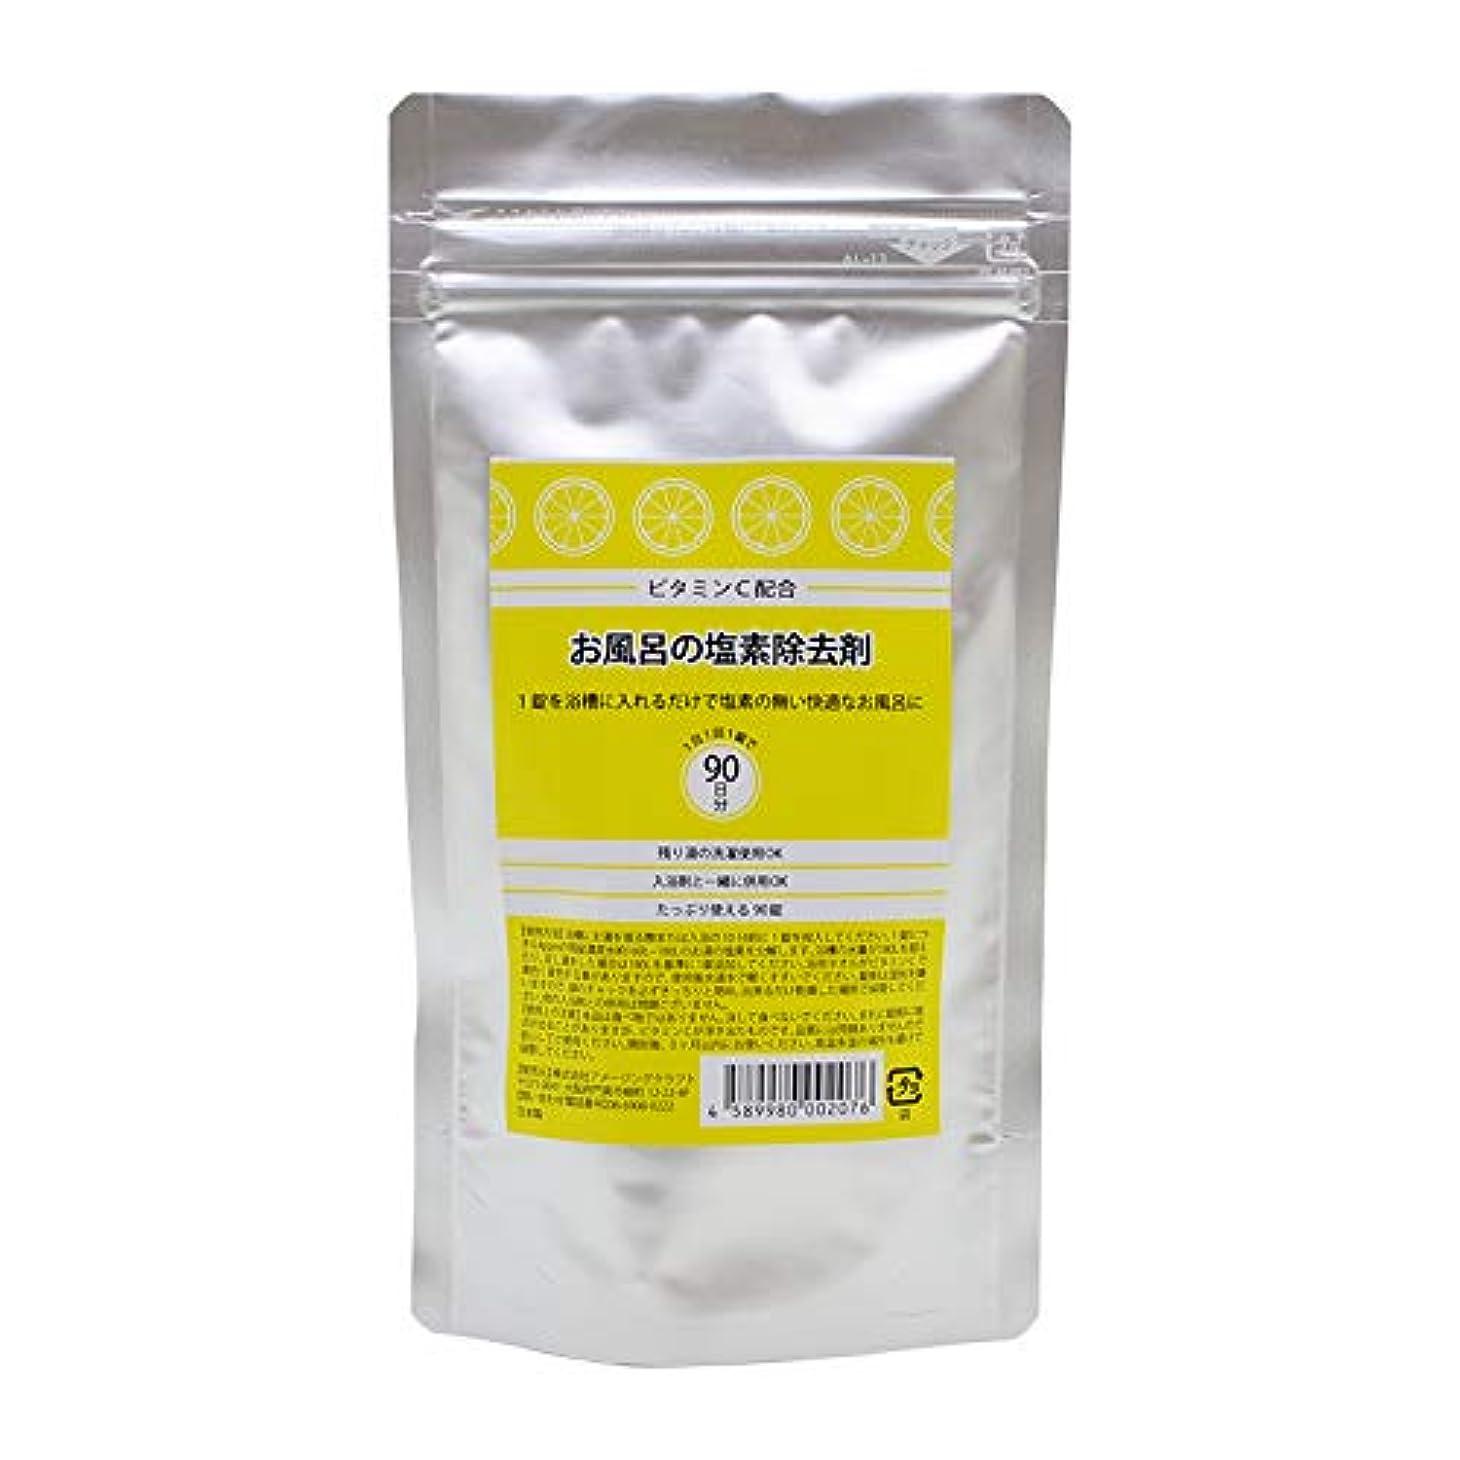 プレミアシリンダートーナメントビタミンC配合 お風呂の塩素除去剤 錠剤タイプ 90錠 浴槽用脱塩素剤